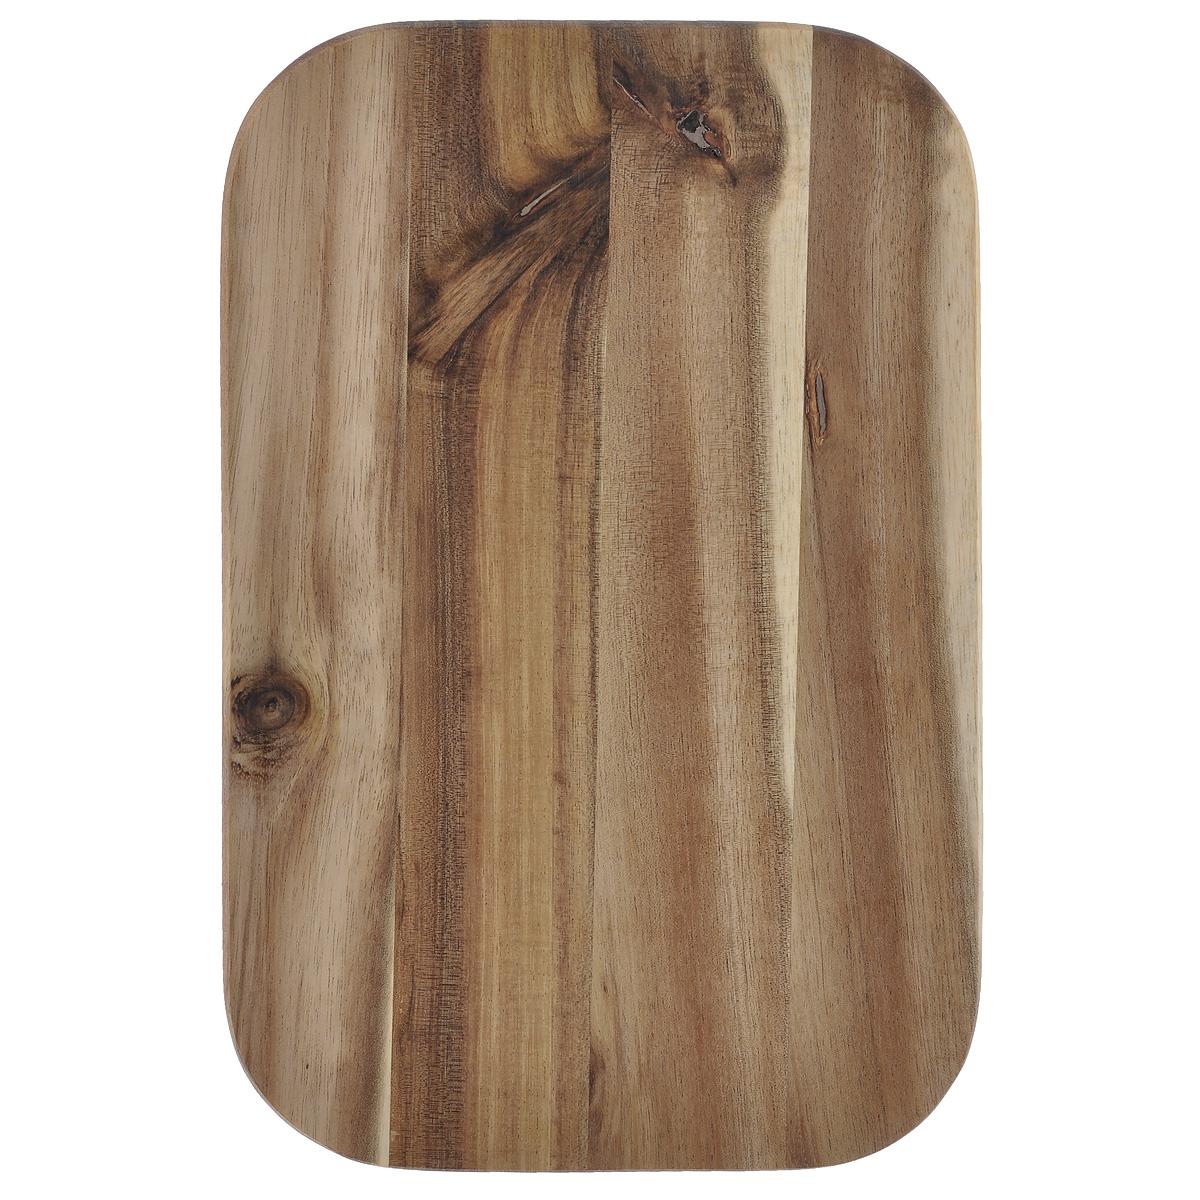 Доска разделочная Kesper, 23 см х 15 см. 2340-02340-0Разделочная доска Kesper изготовлена из натурального дерева акации. Благодаря среднему размеру на ней удобно разделывать различные продукты и она не занимает много места.Функциональная и простая в использовании, разделочная доска Kesper прекрасно впишется в интерьер любой кухни и прослужит вам долгие годы. Для мытья использовать неабразивные моющие средства.